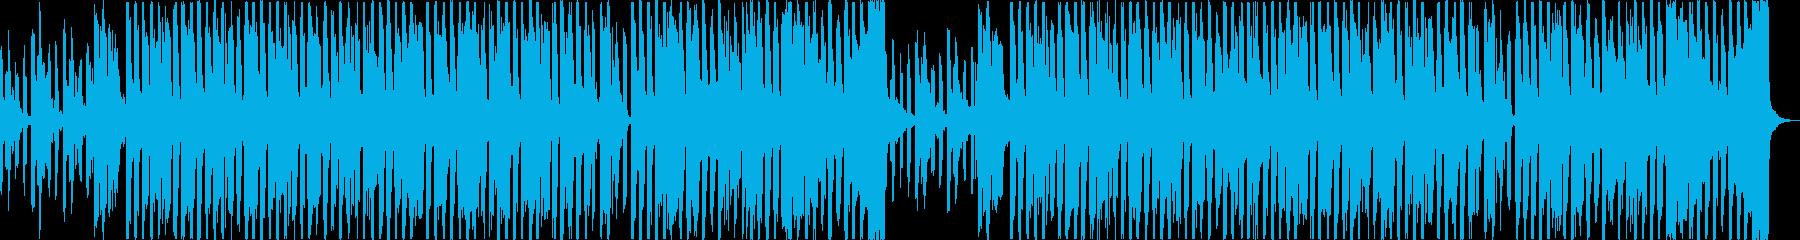 おしゃれチルヒップホップR&Bハウスaの再生済みの波形